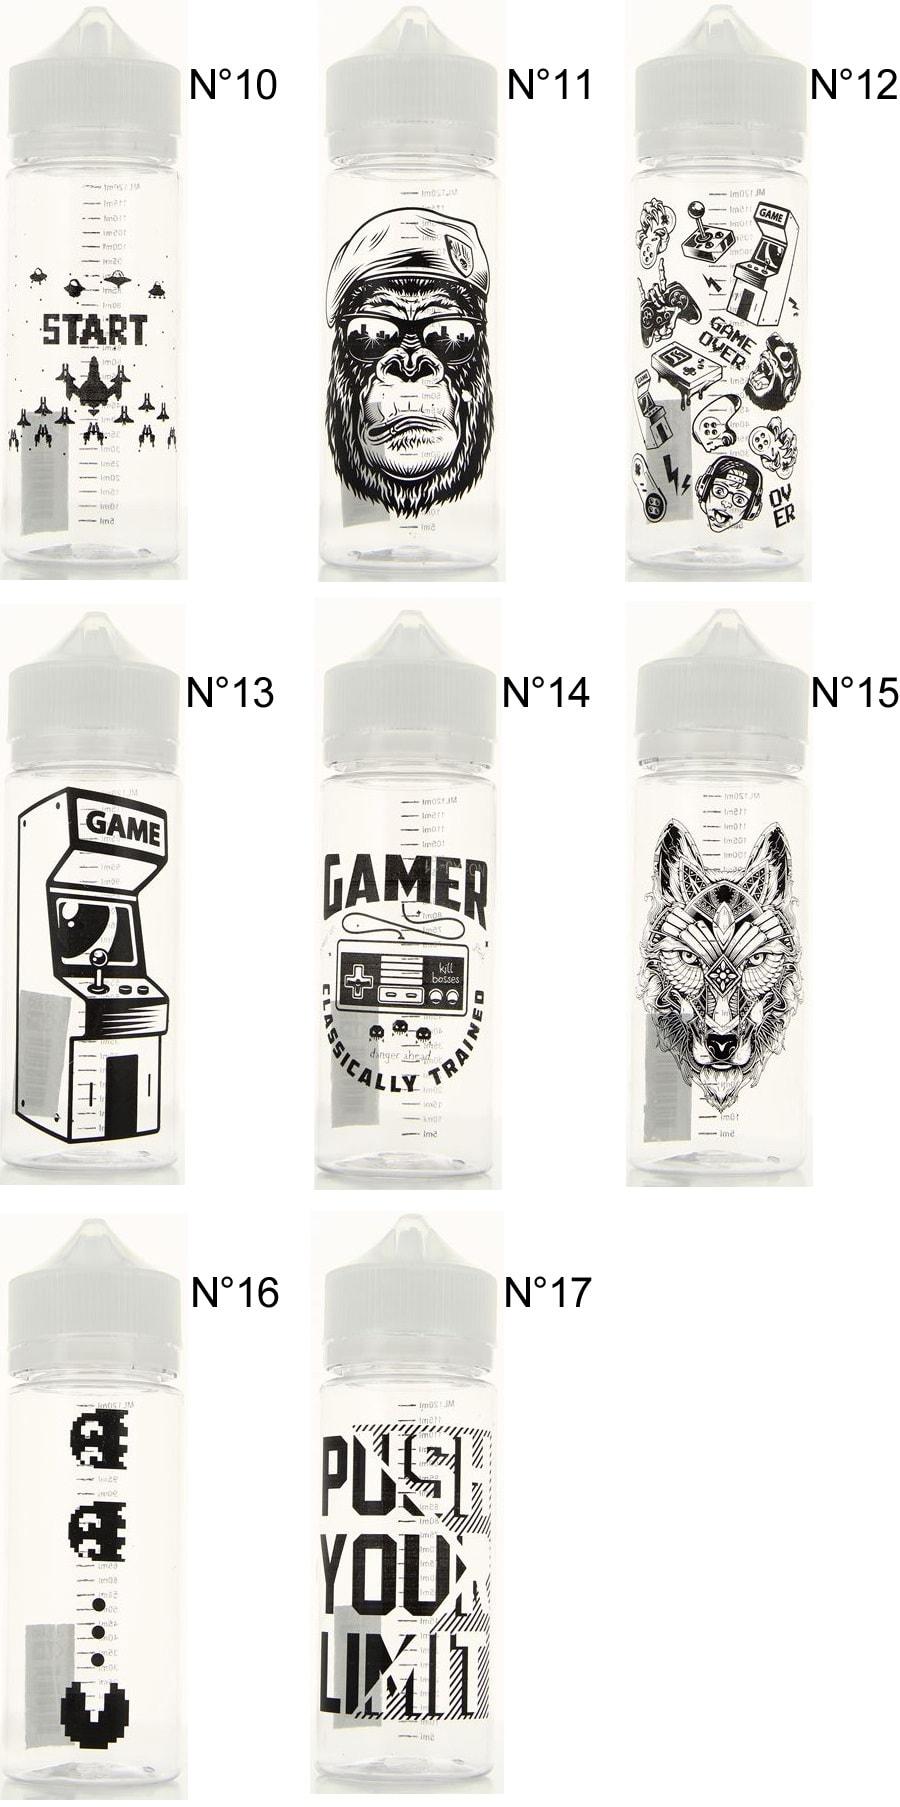 nové 120ml Gorilla DIY fľašky - www.e-smoke.sk